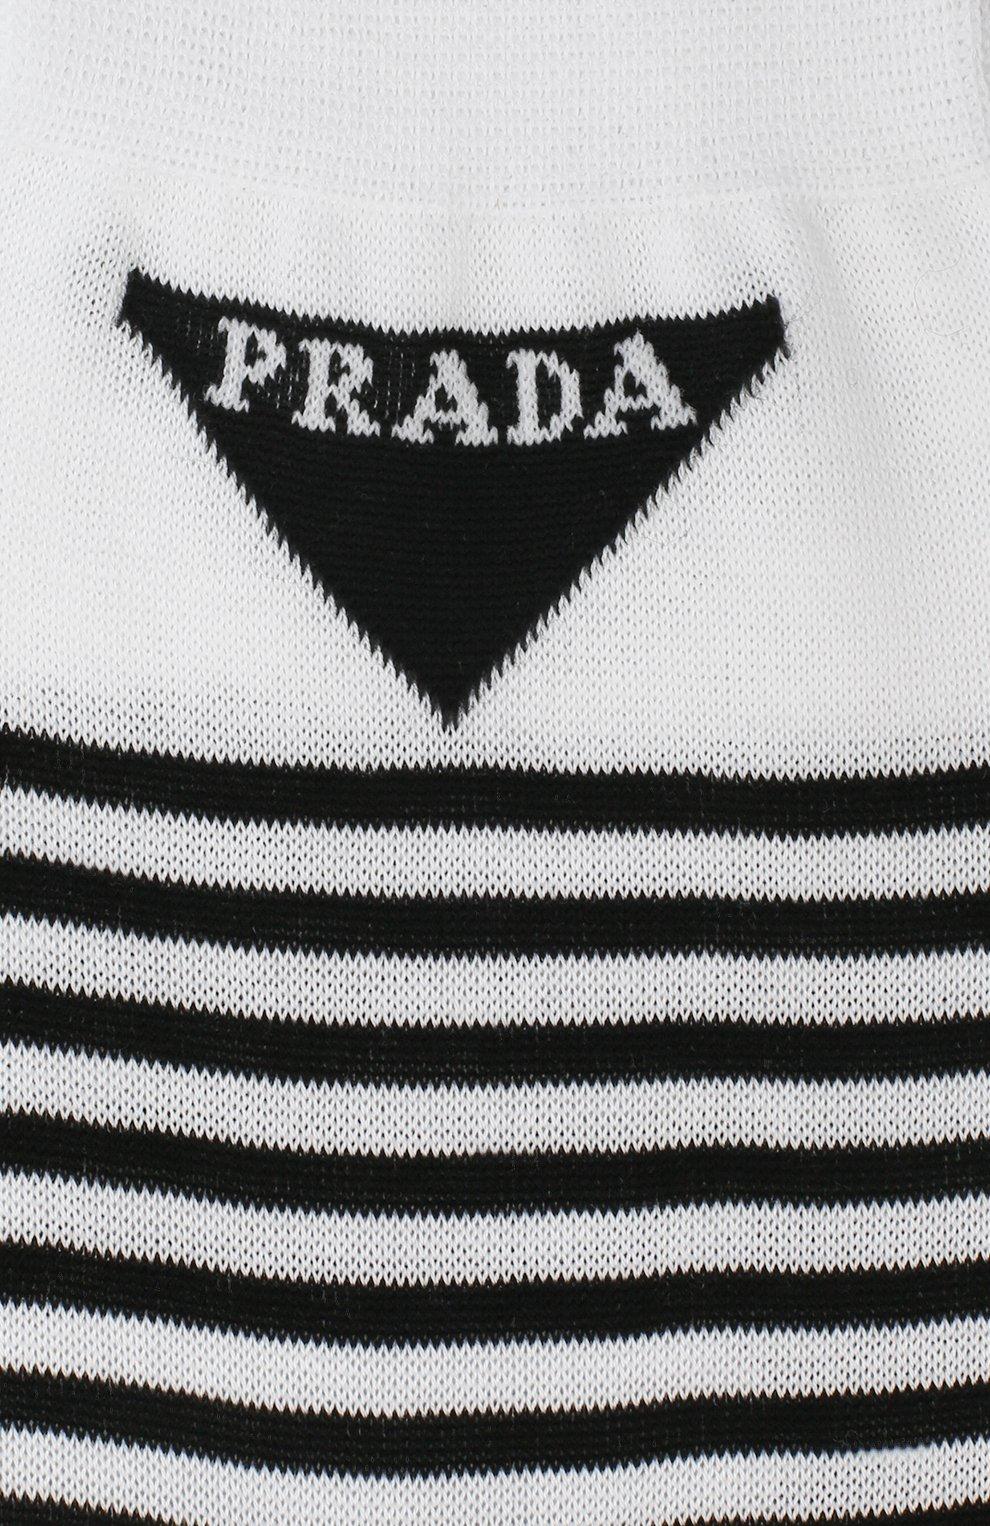 Детские хлопковые носки PRADA черно-белого цвета, арт. UCL732-793-F0964-202 | Фото 2 (Материал: Текстиль, Хлопок; Кросс-КТ: бельё)